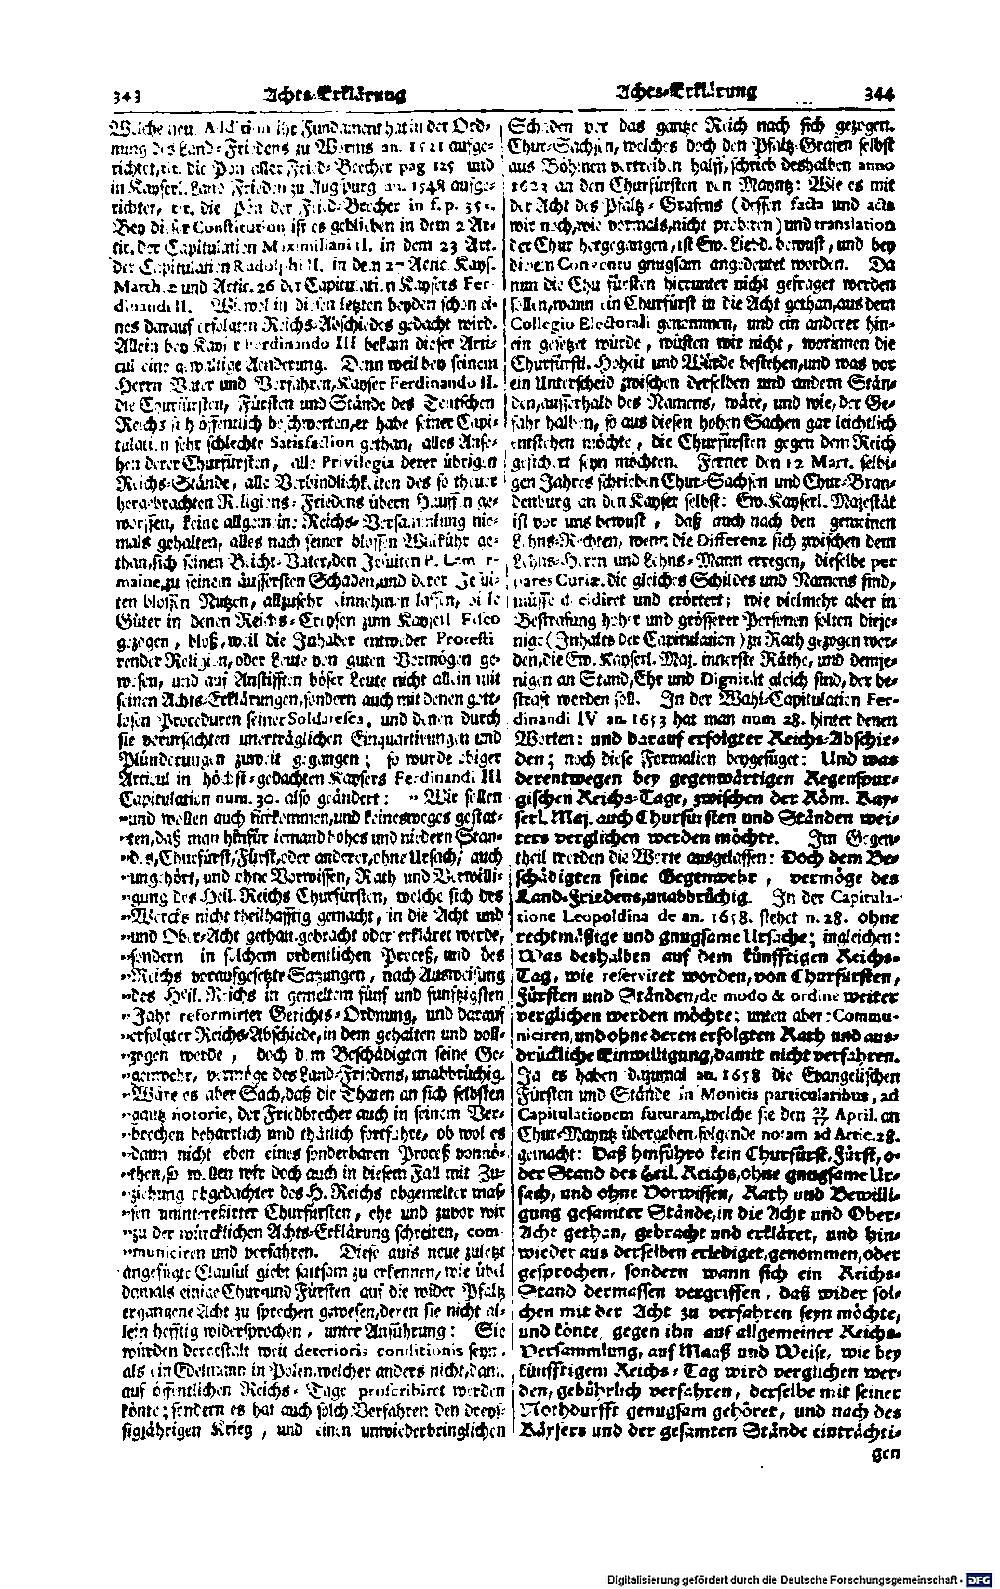 Bd. 01, Seite 0211.